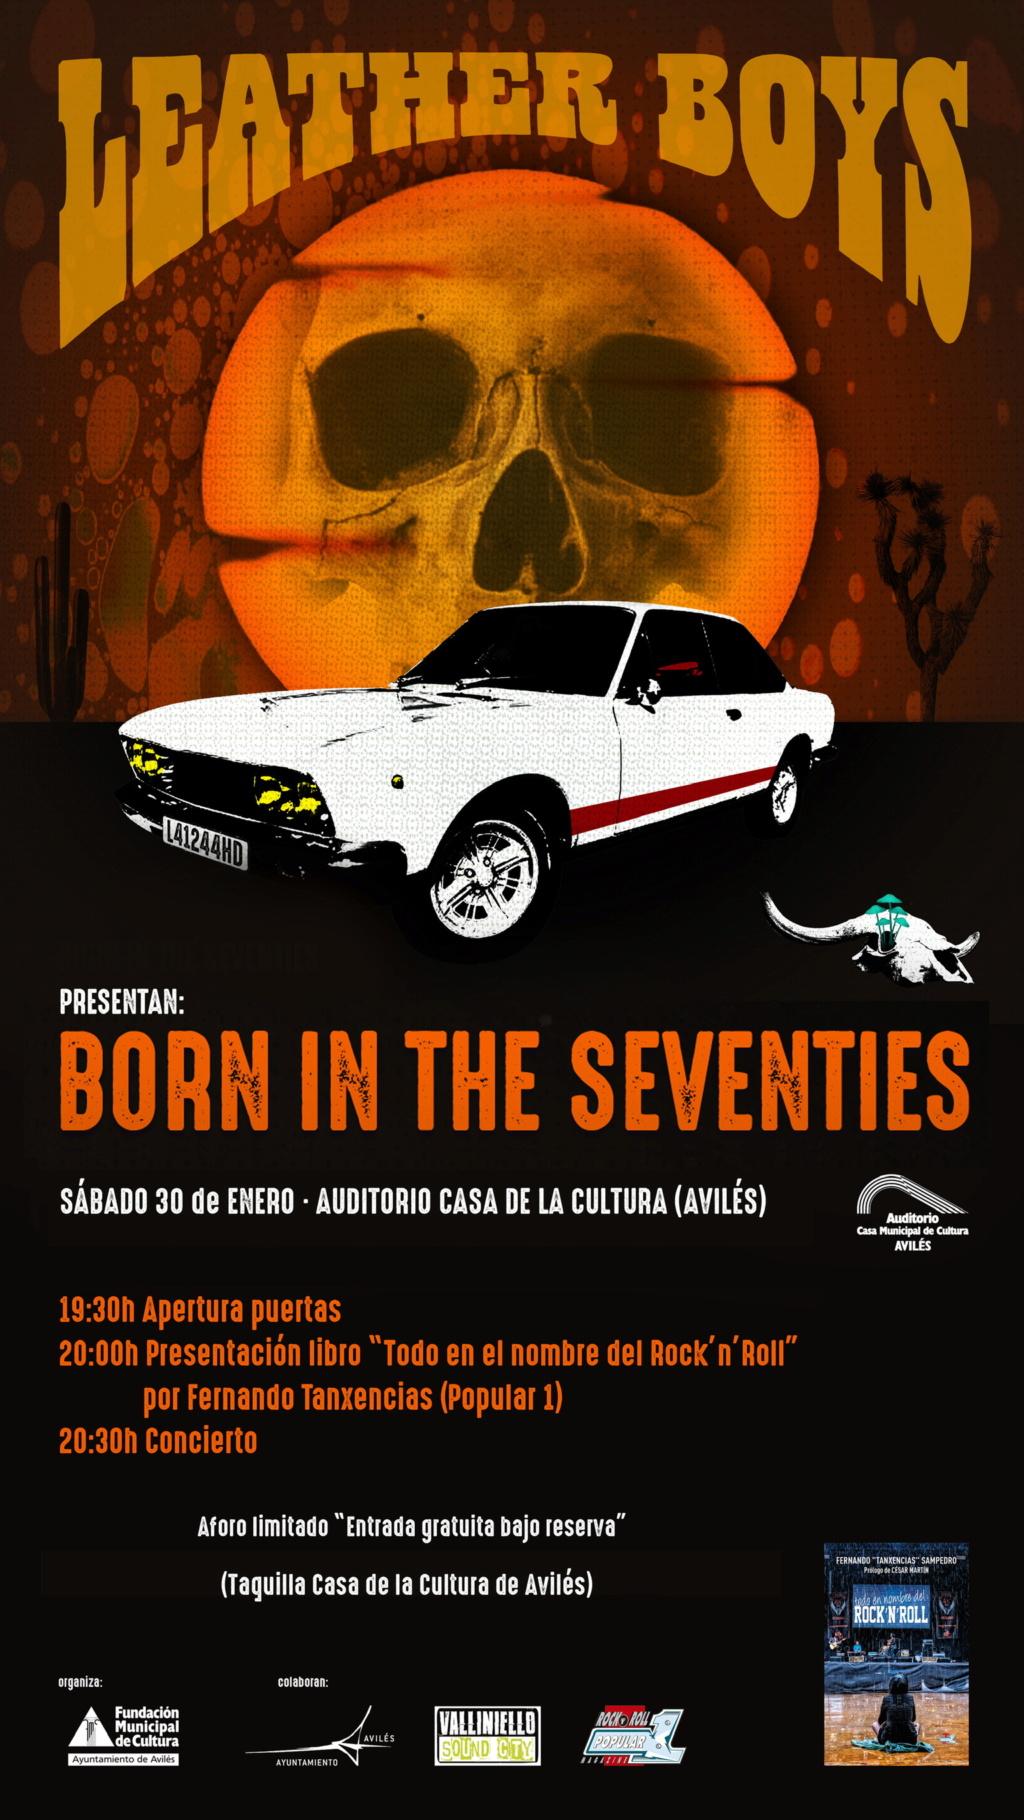 """Leather Boys nuevo disco """"Born in the 70's""""(YA A LA VENTA). Presentación oficial en directo 28 marzo Avilés (Asturias) y 3 Julio Sala Son Cangas (Galicia). 85437410"""